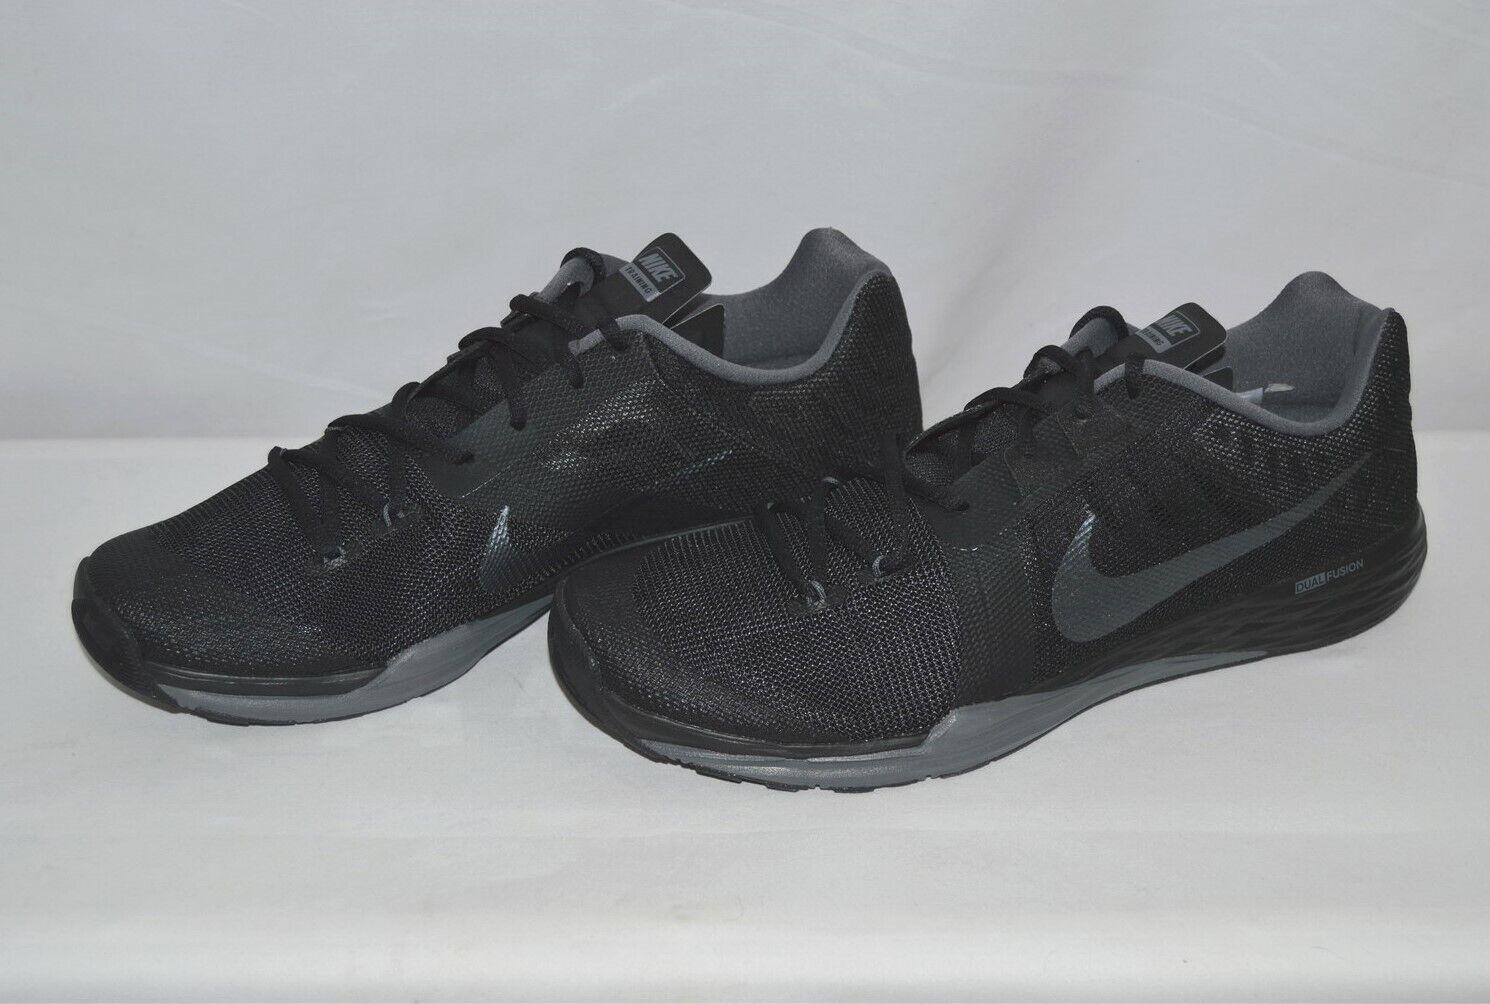 Nike Men's Train Prime Iron DF Cross Training shoes, Men's 12, 832219 007, Used